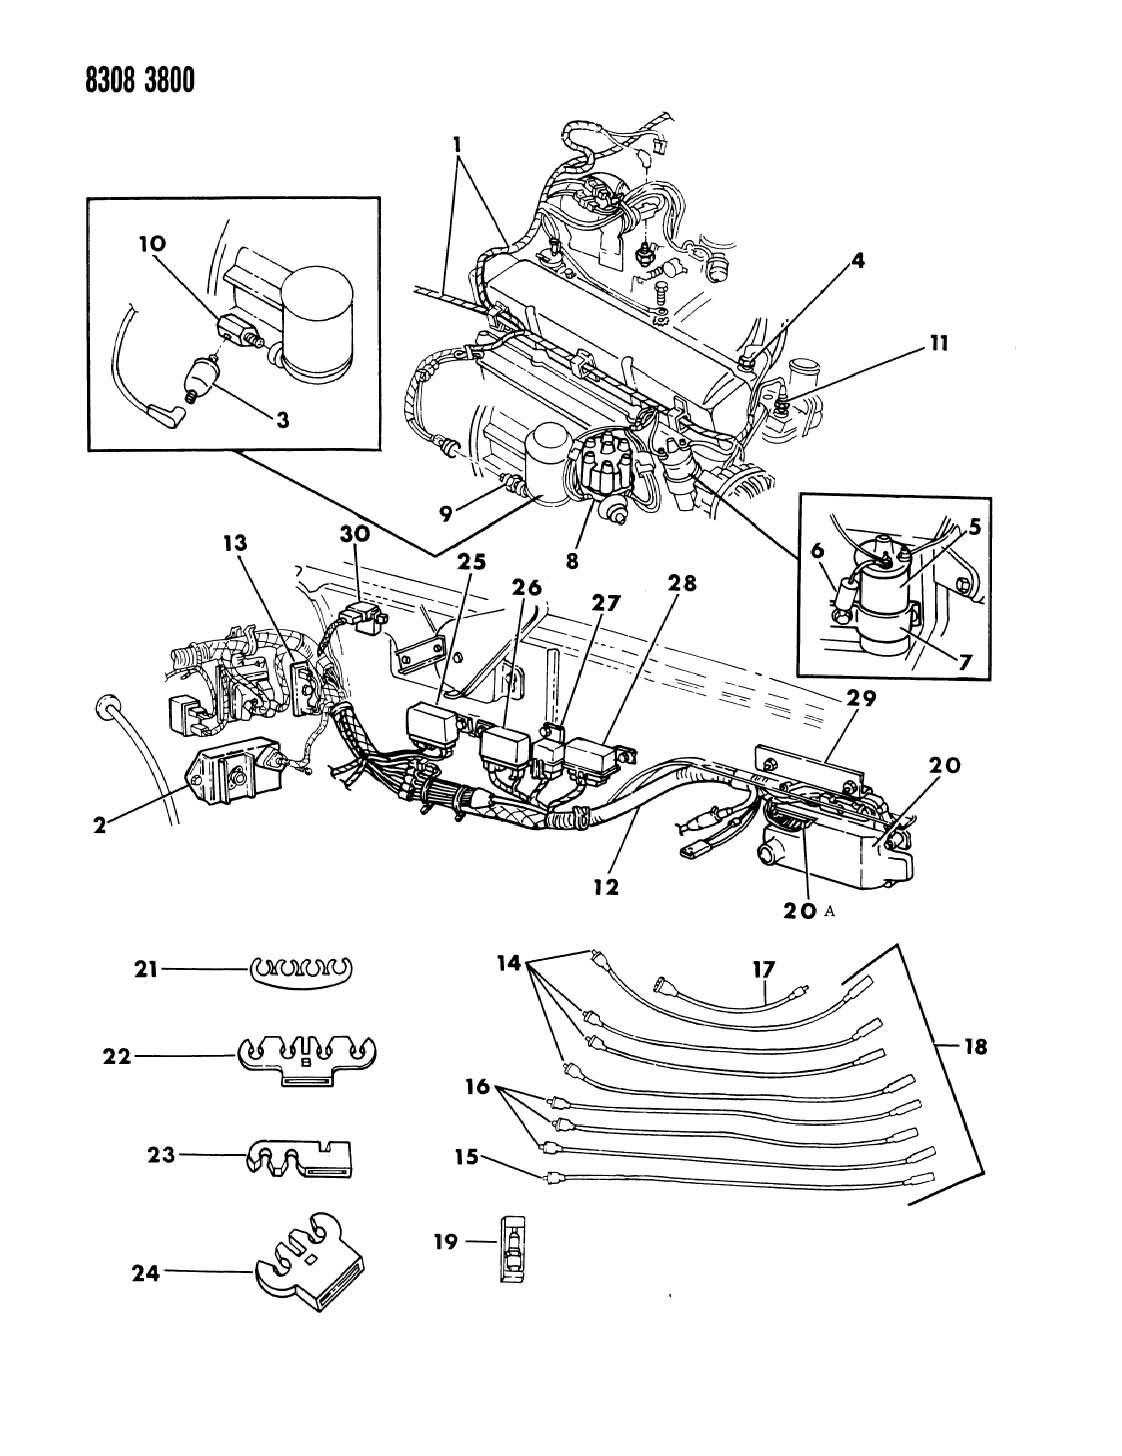 Diagram 1988 Dodge Dakota Wiring Diagram For Starter Mopar Full Version Hd Quality Starter Mopar Liveprin Oltreilmurofestival It